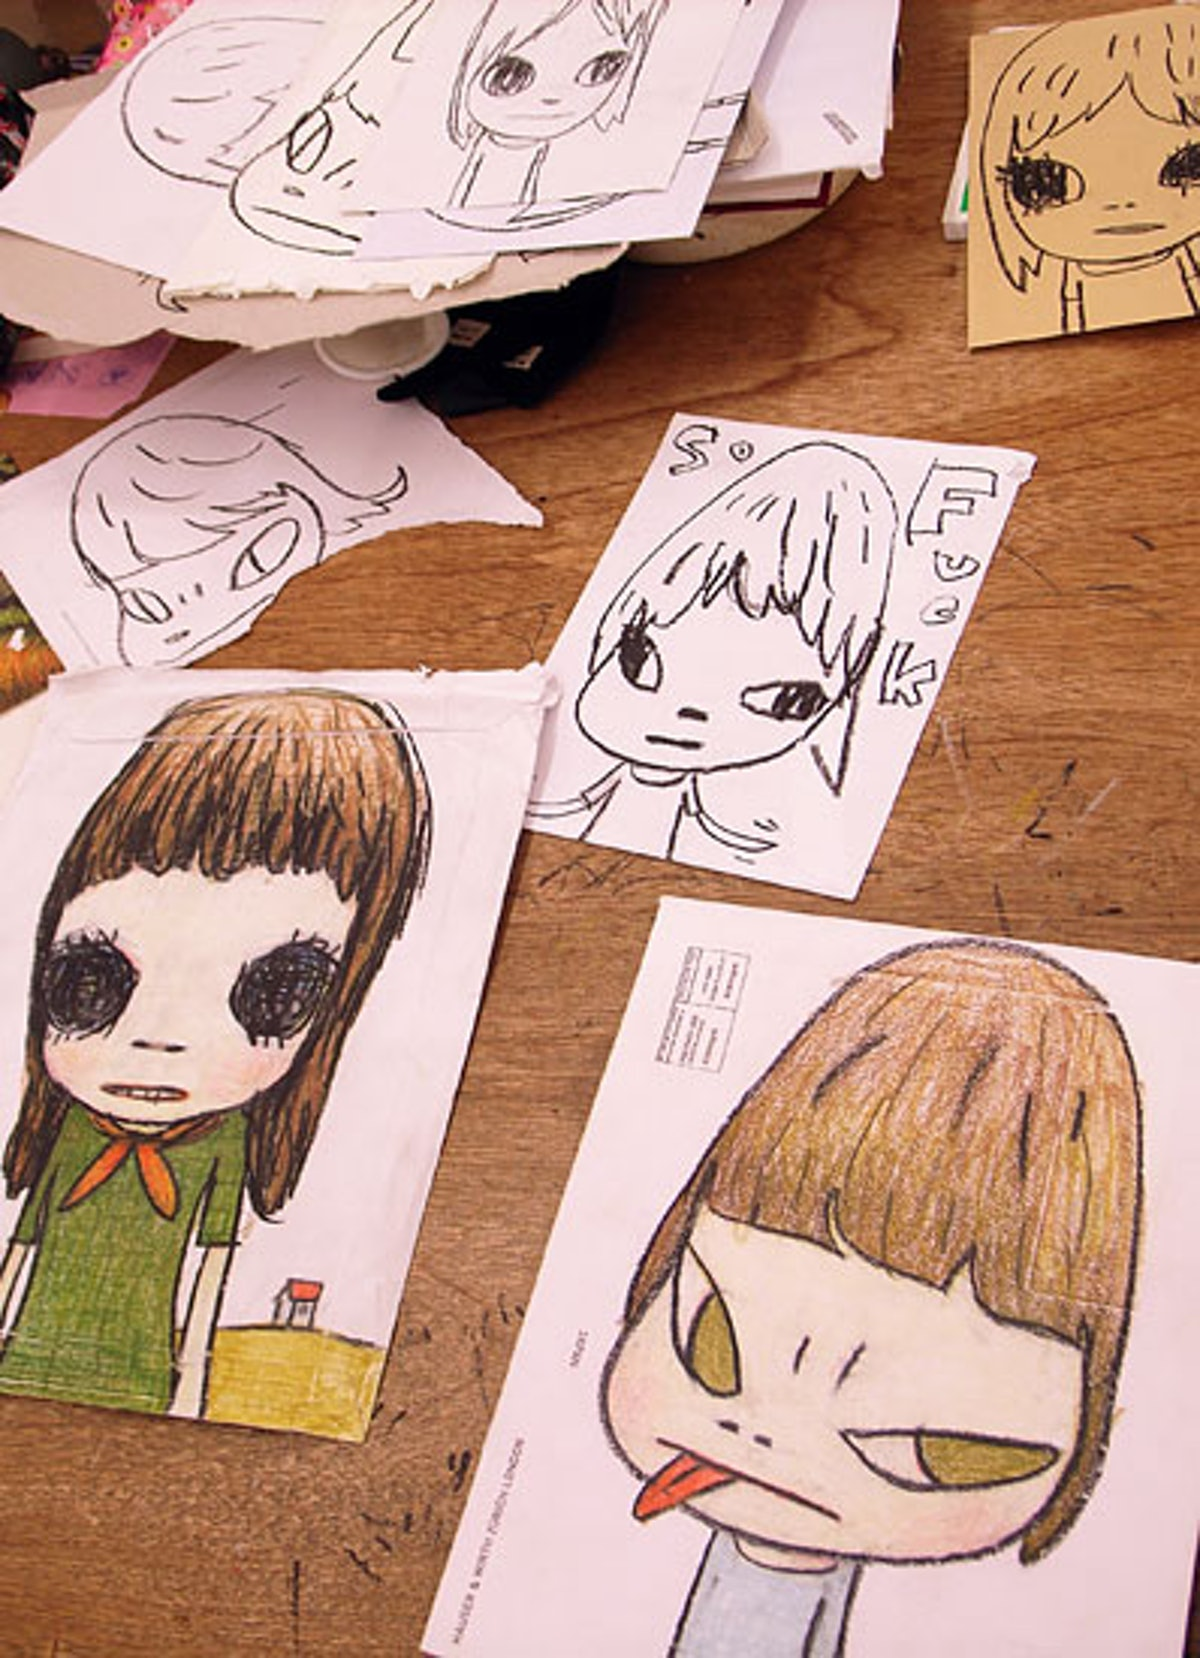 arss-yoshitomo-nara-japanese-artist-03-v.jpg